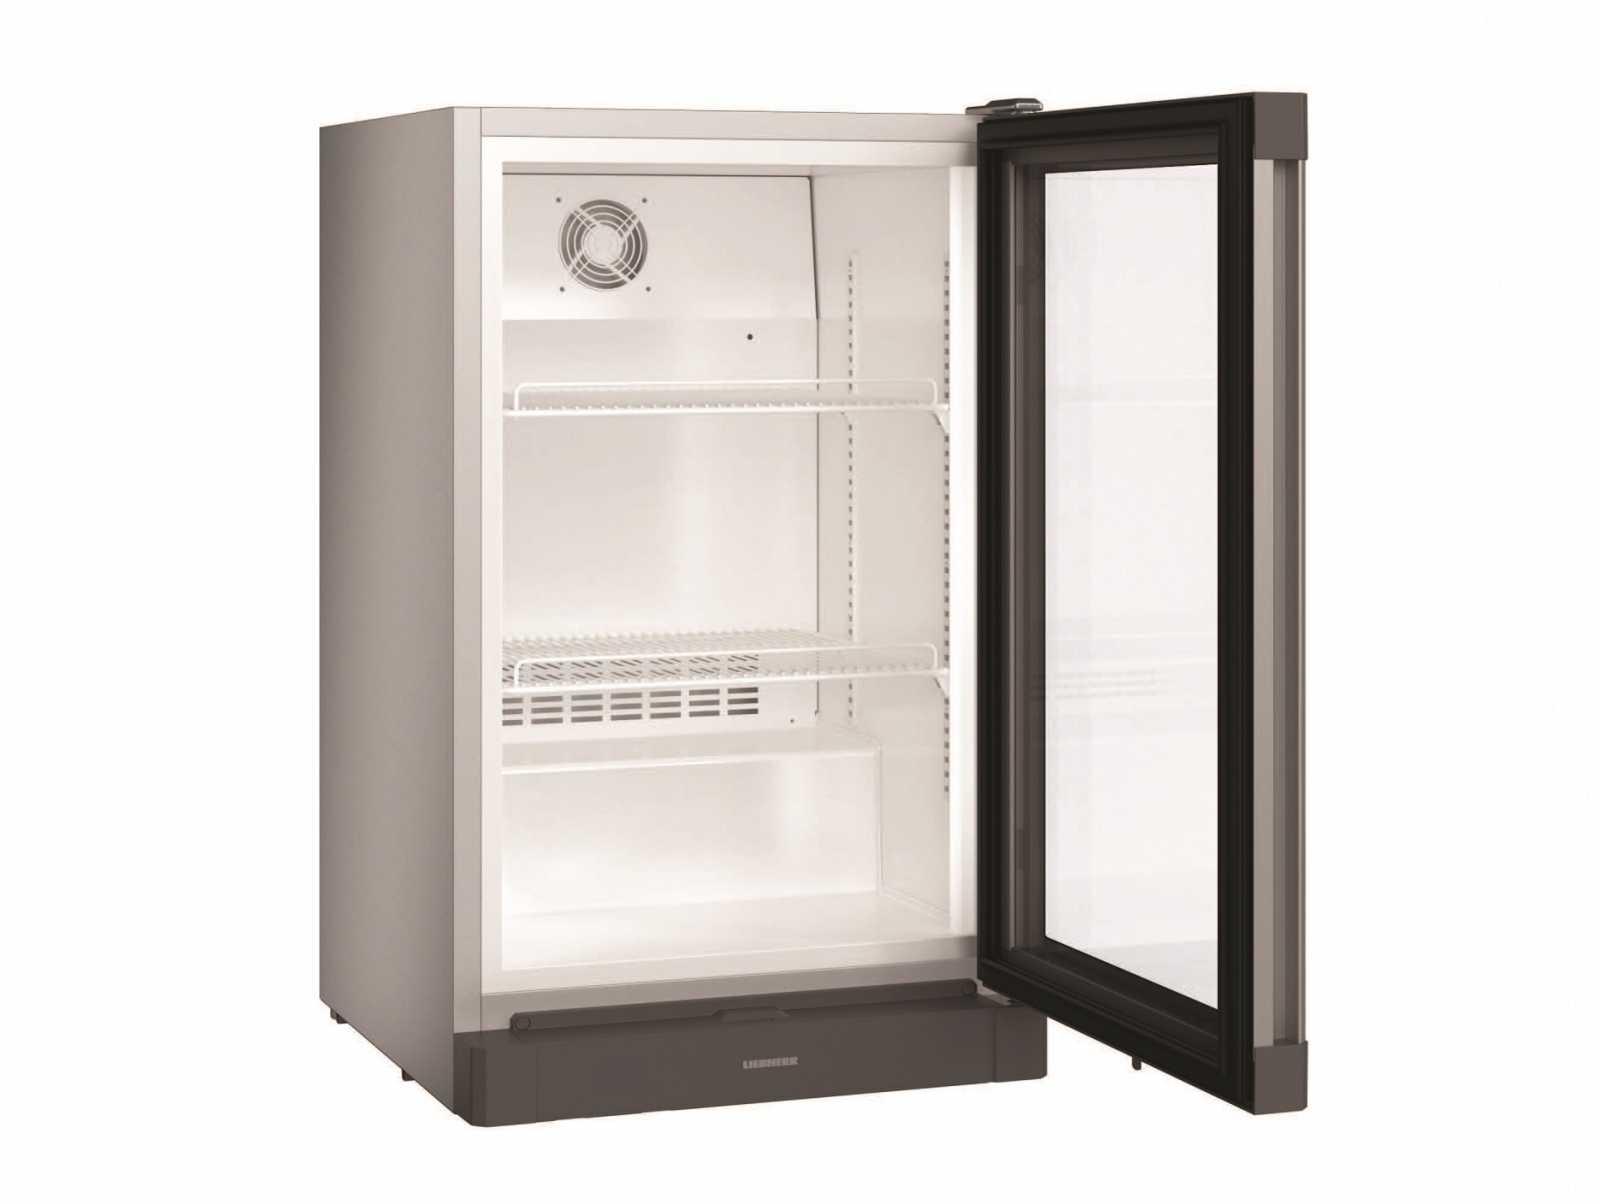 Холодильный шкаф-витрина Liebherr BCv 1103 купить украина